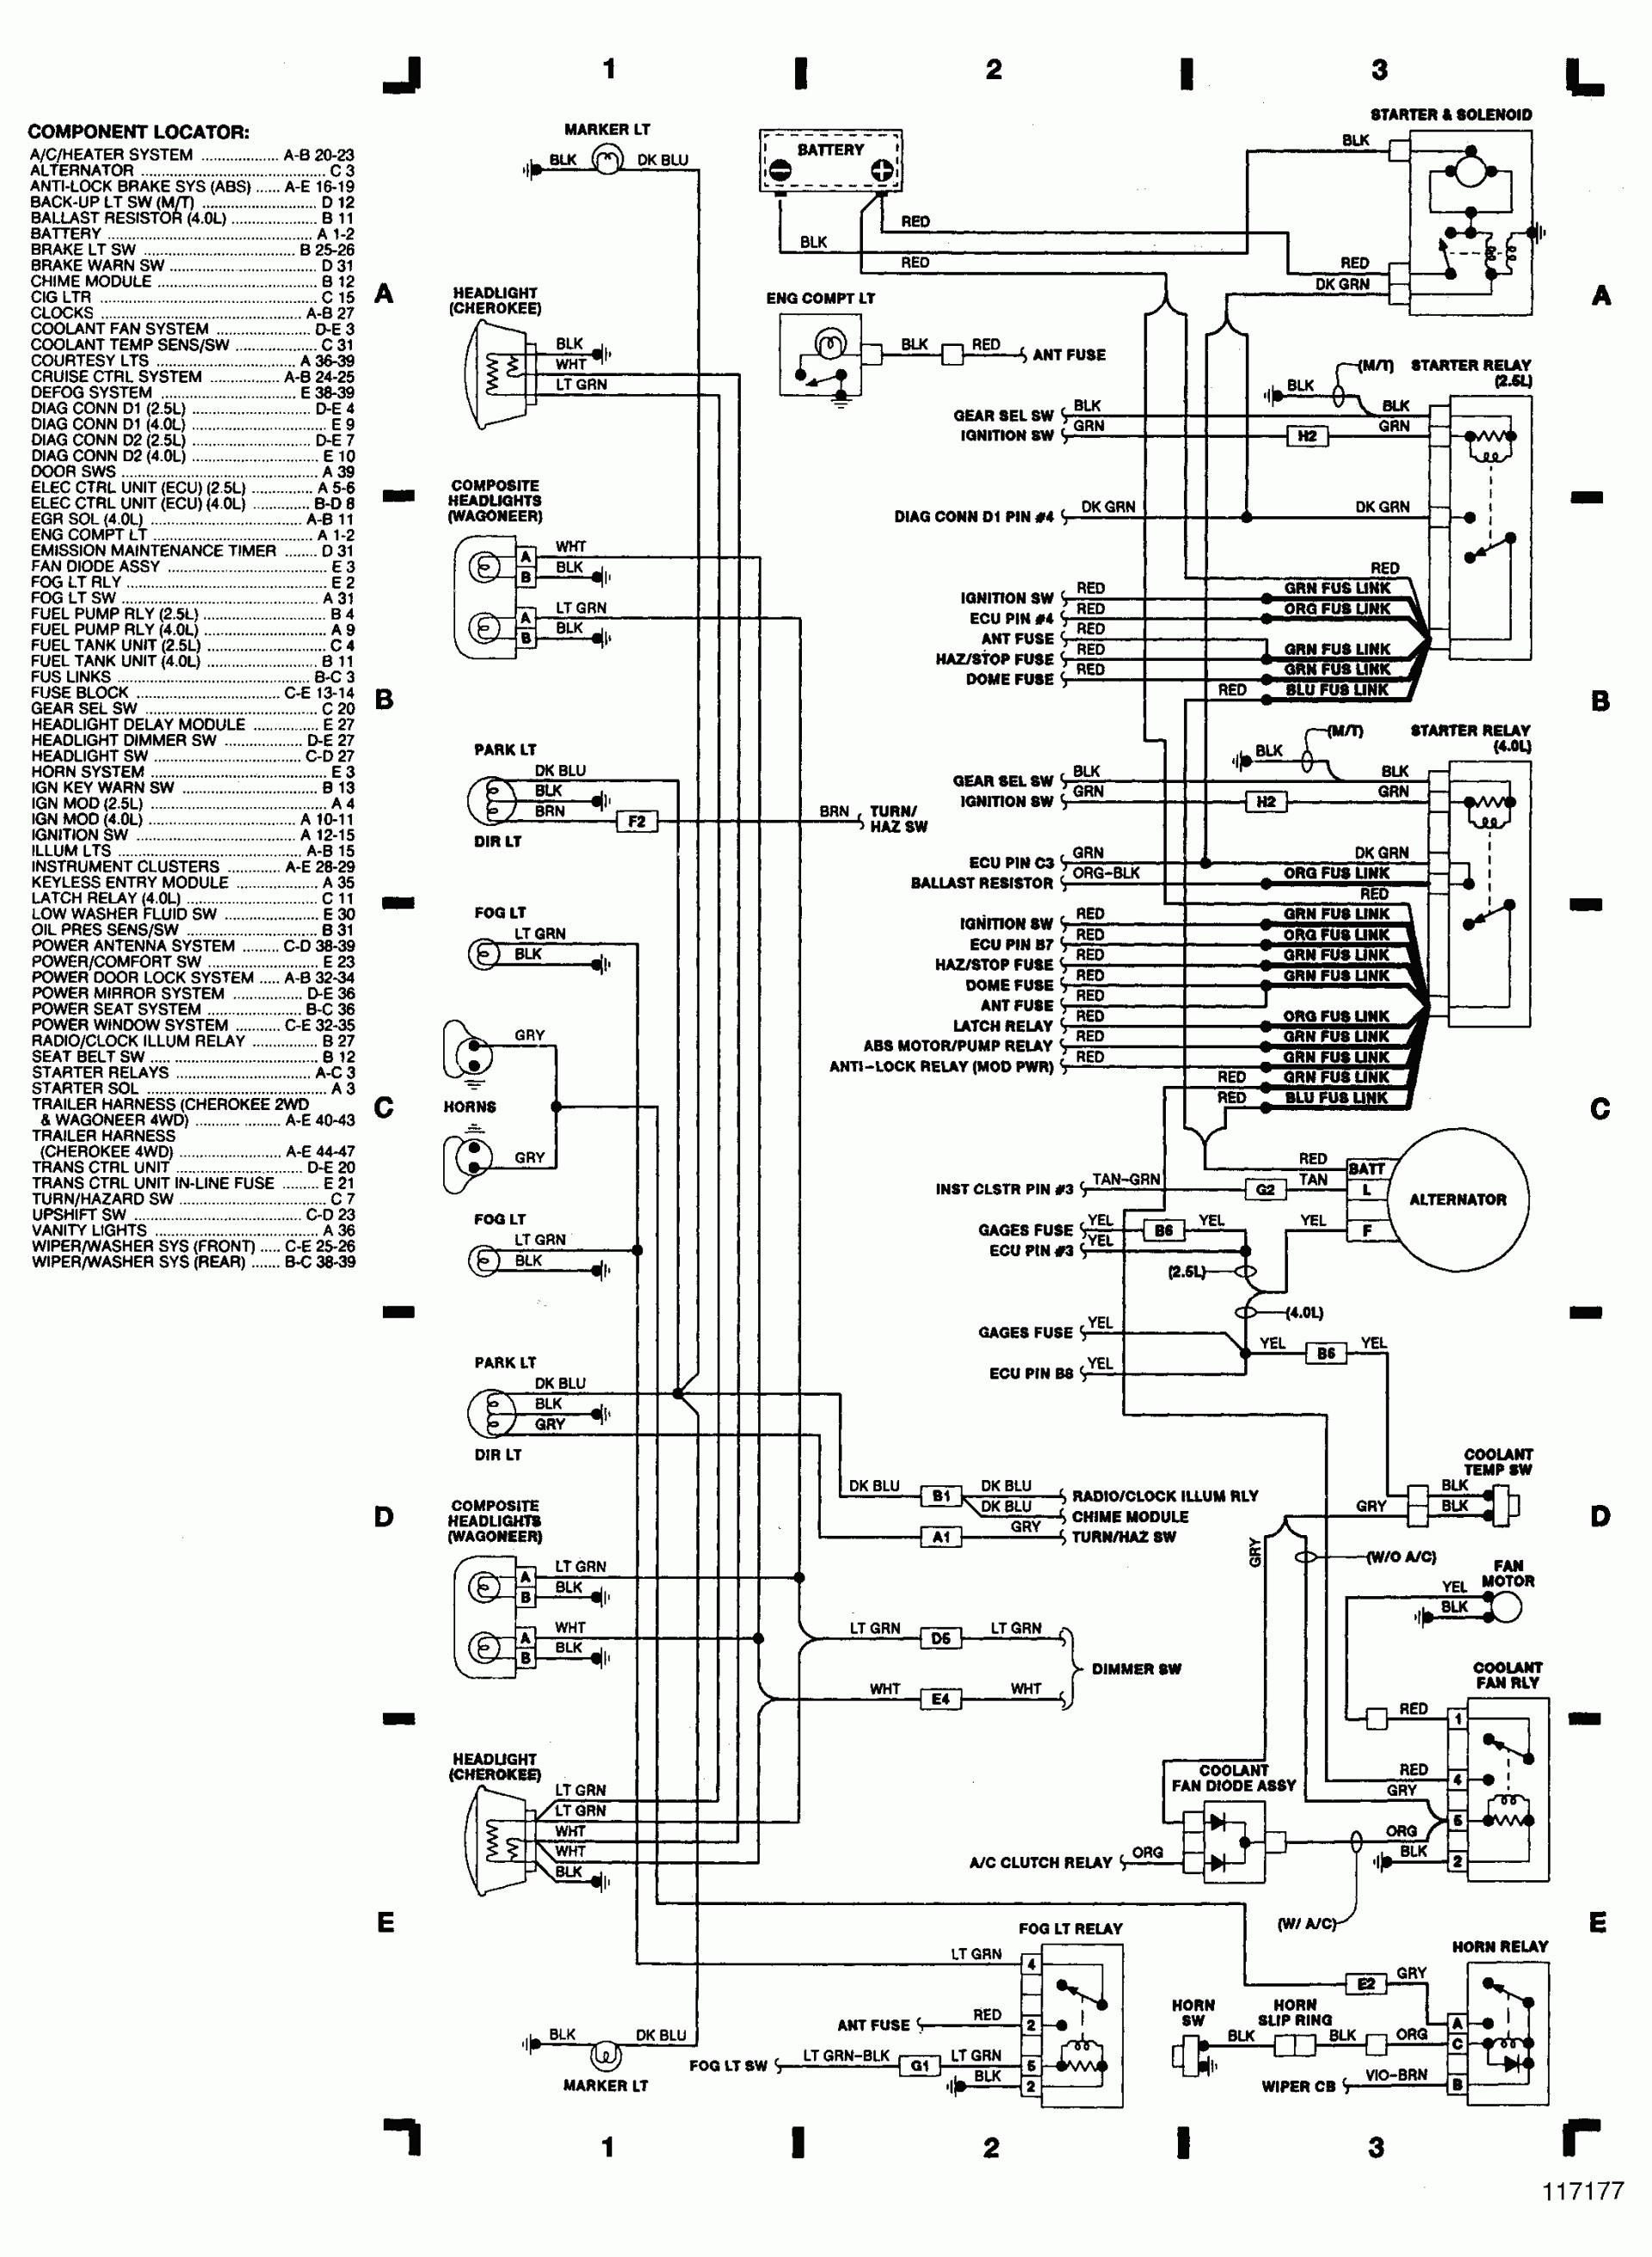 John Deere 345 Electrical Schematic 55c0 John Deere Stereo Wiring Diagram Of John Deere 345 Electrical Schematic